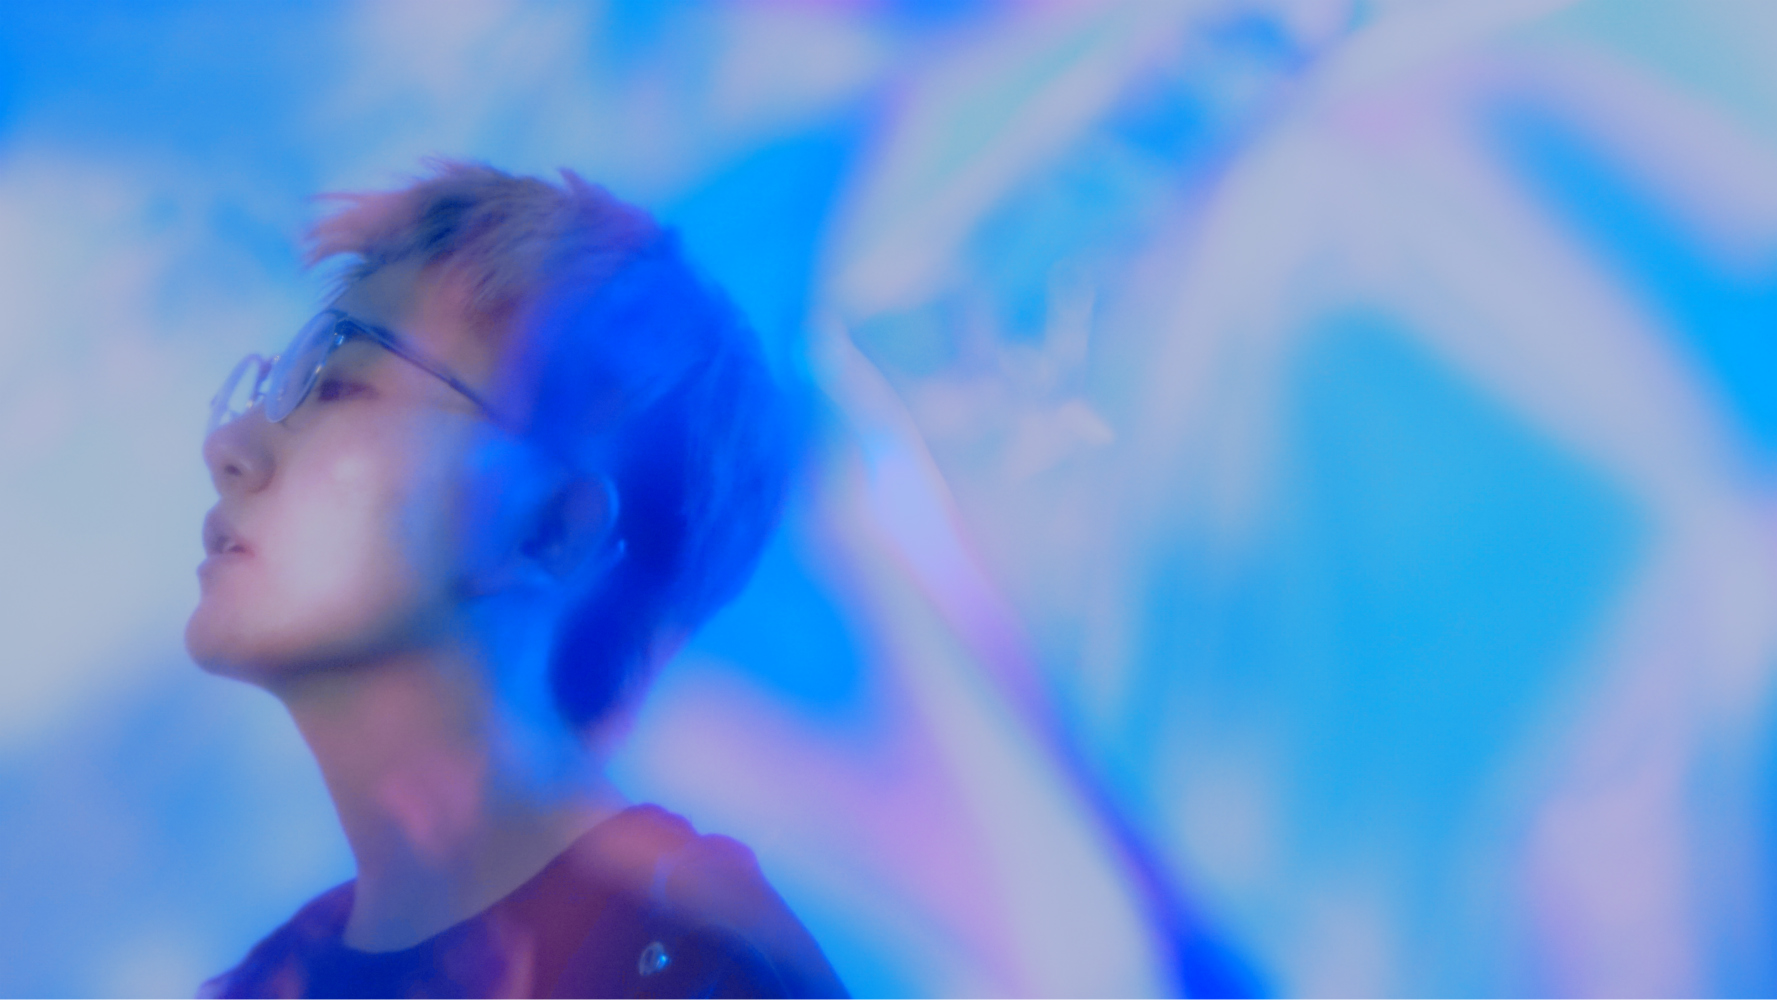 姚兰单曲《21:30的剧场》上线 诠释舞女百态人生